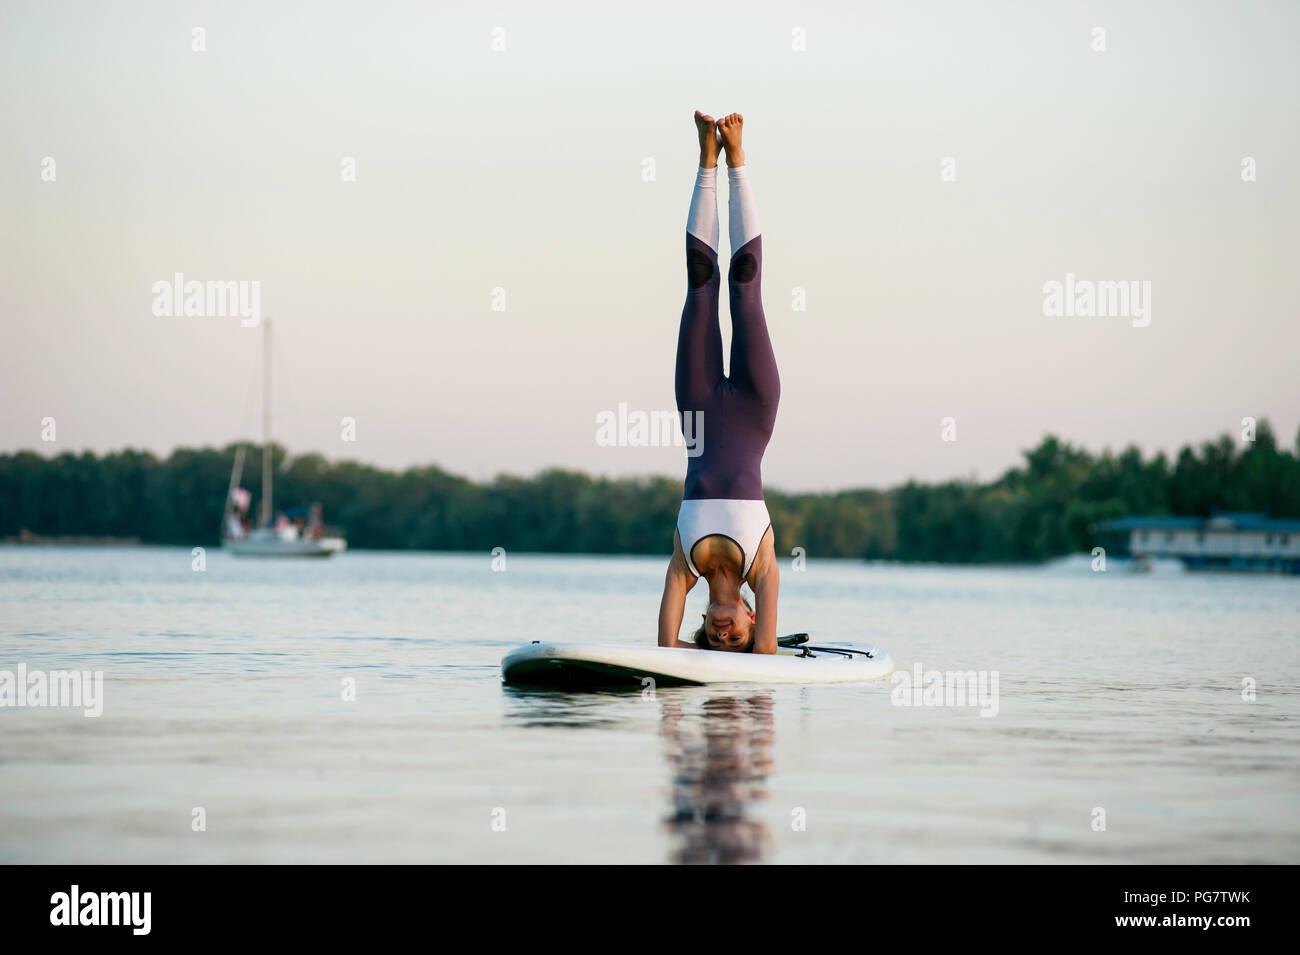 Stand Up Paddle board yoga eseguita da ragazza bella sulla città luminosa sullo sfondo, ragazza è in piedi sulla sua testa Immagini Stock